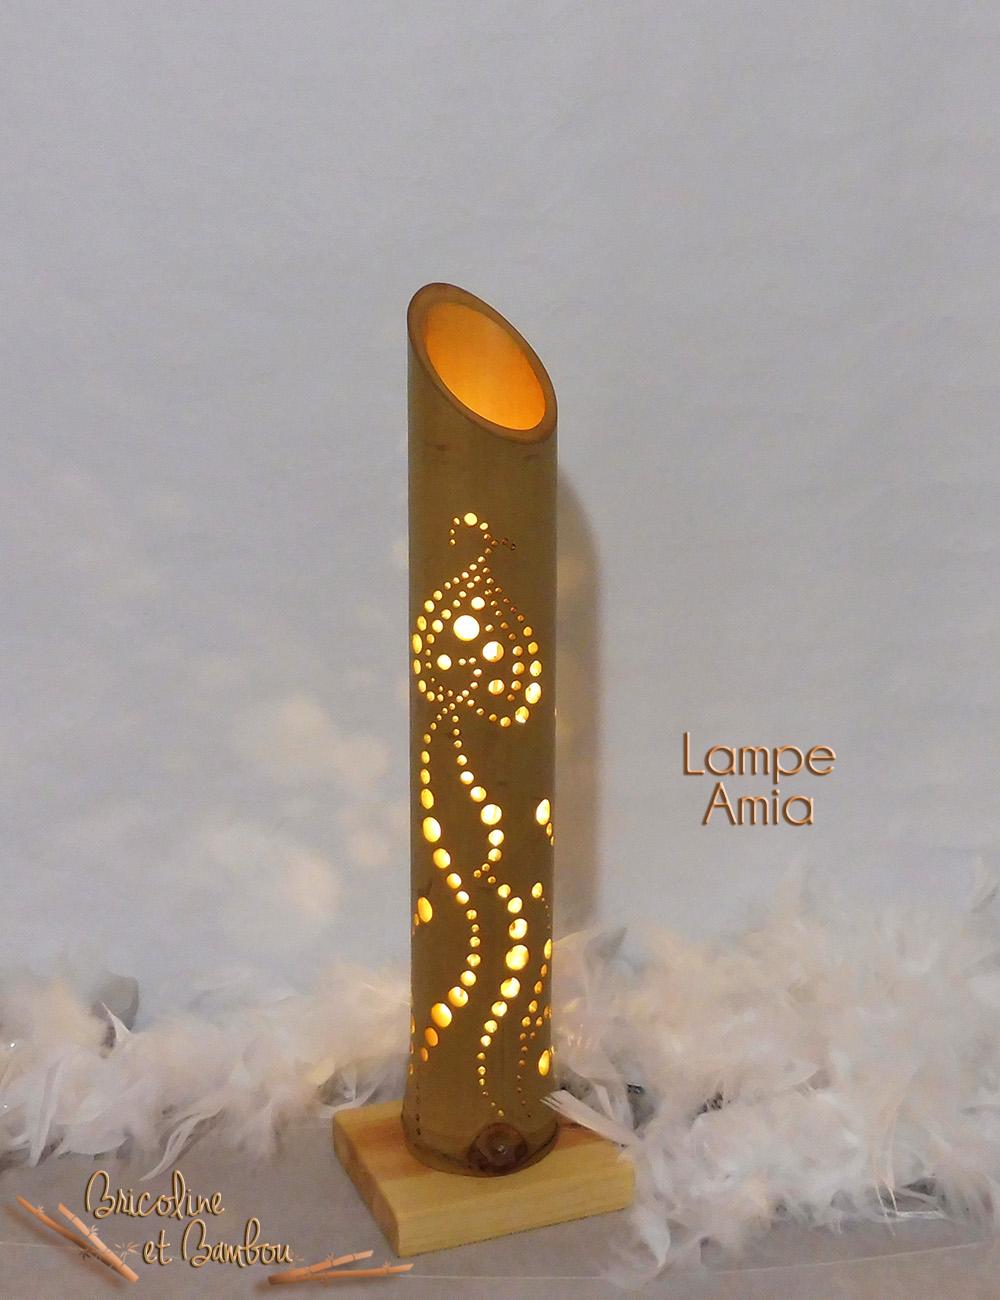 Lampe Amya